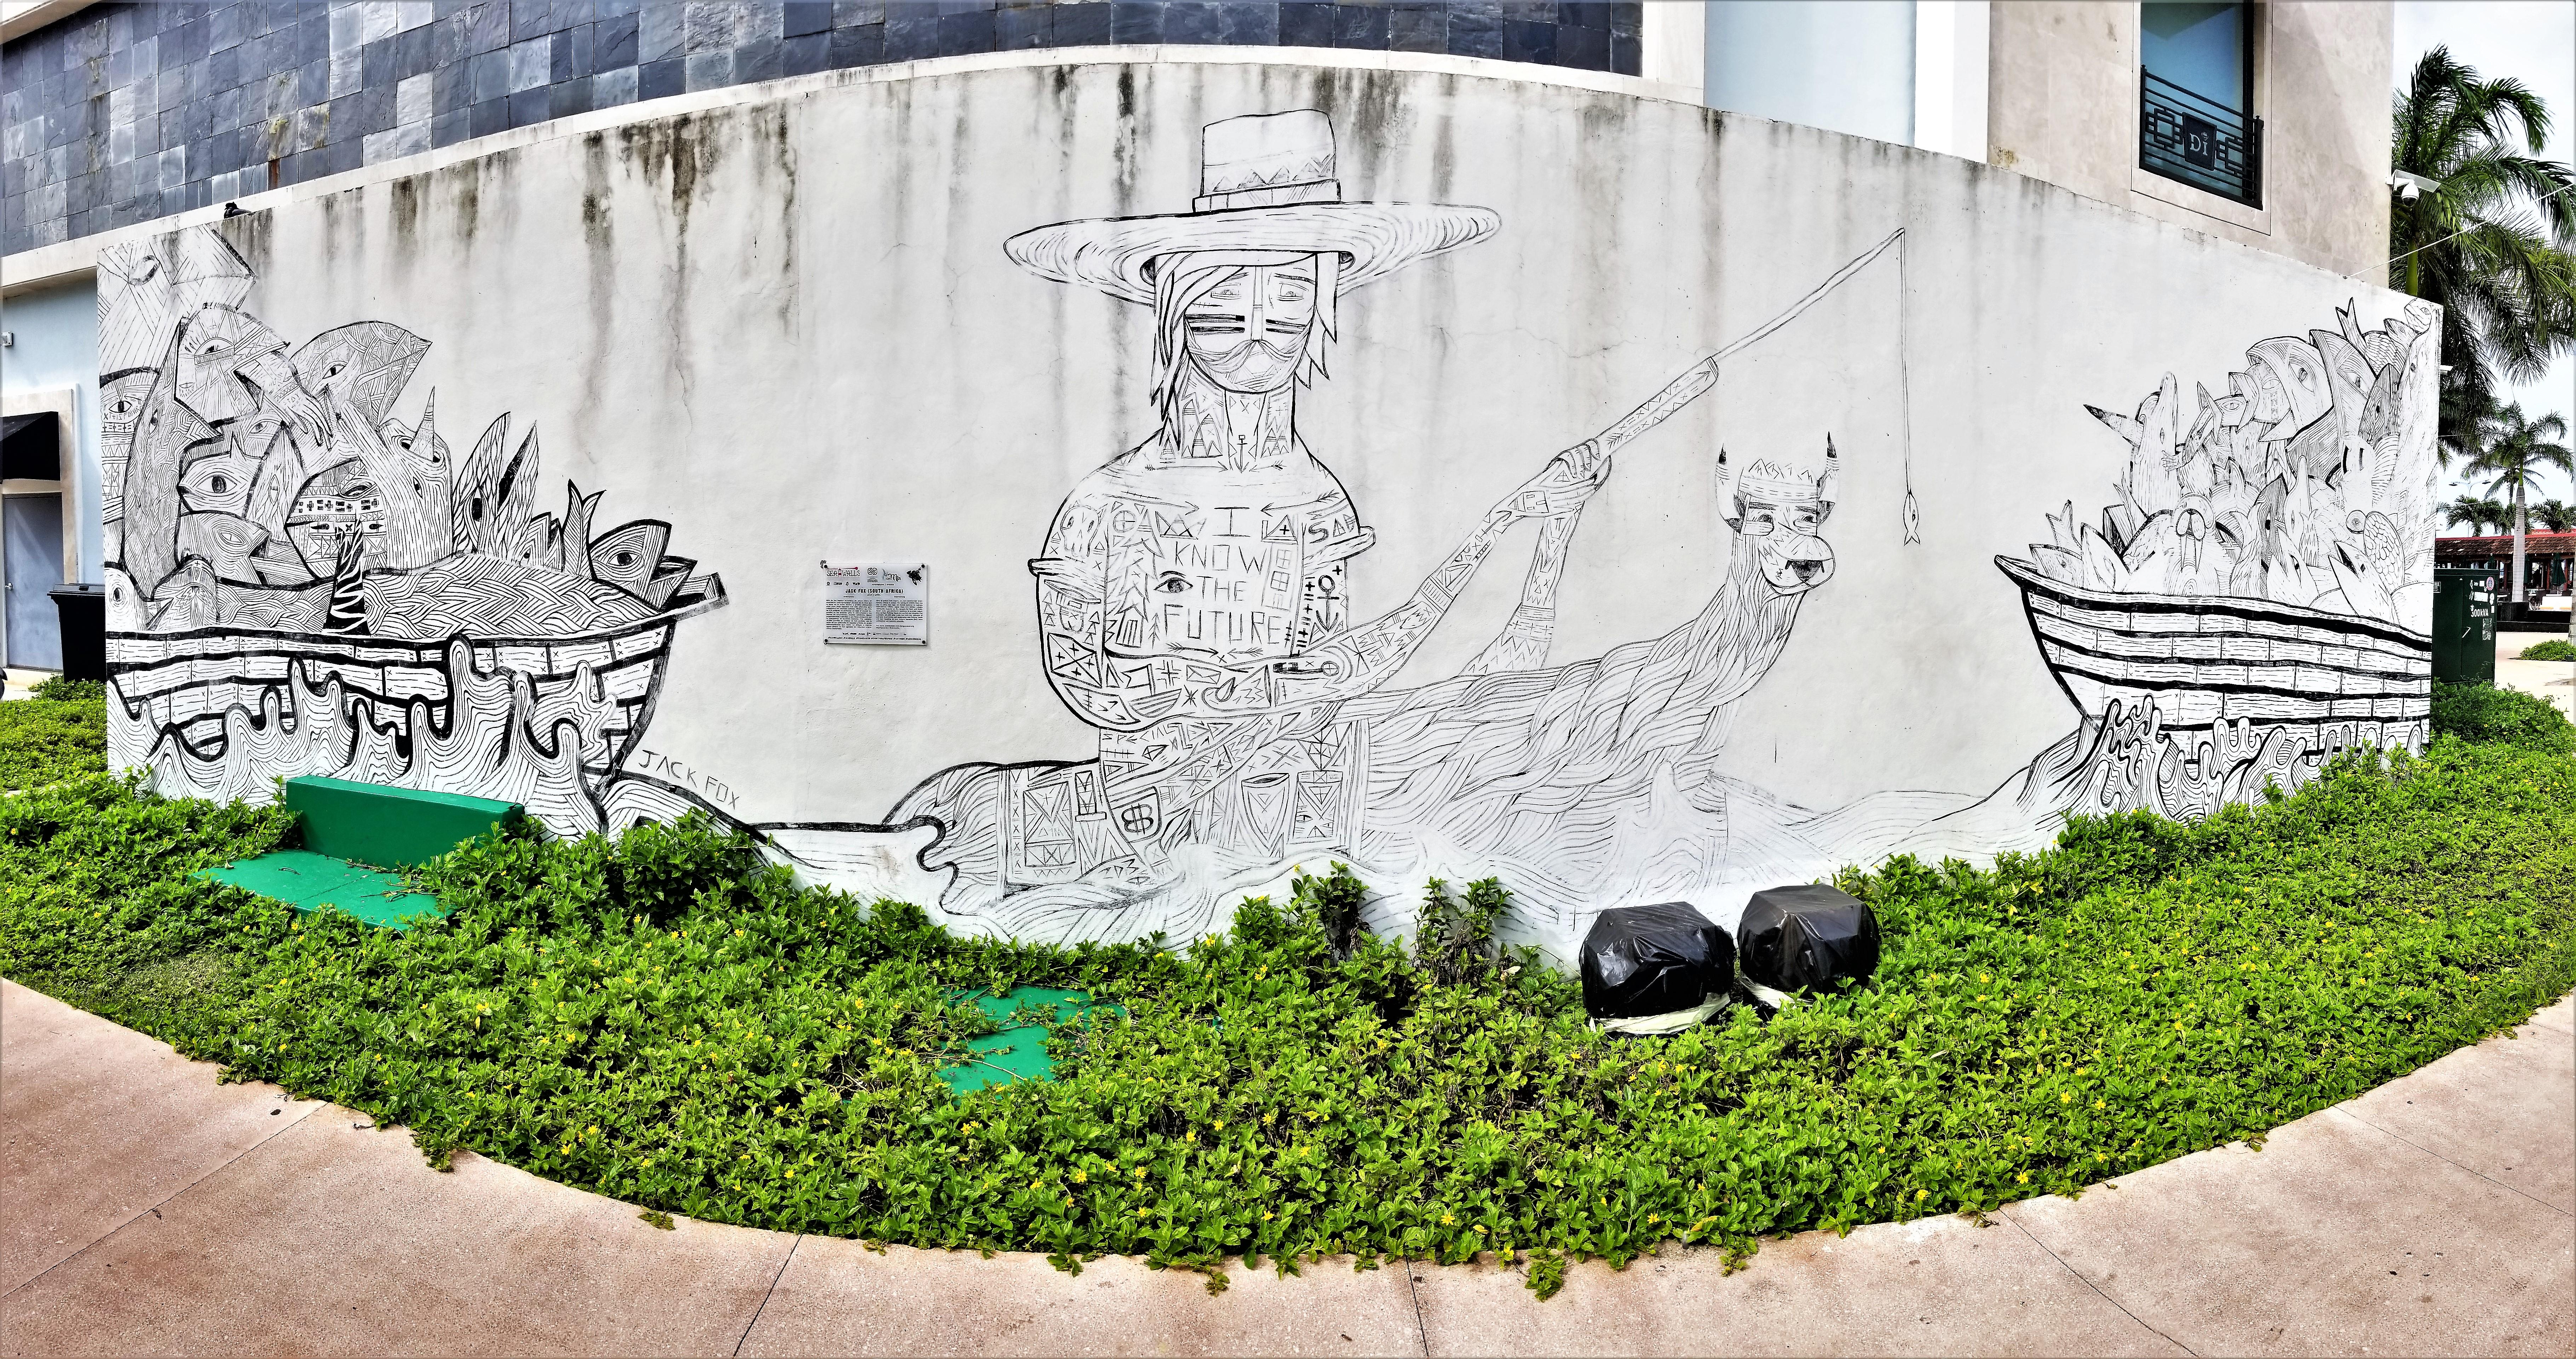 overfishing mural